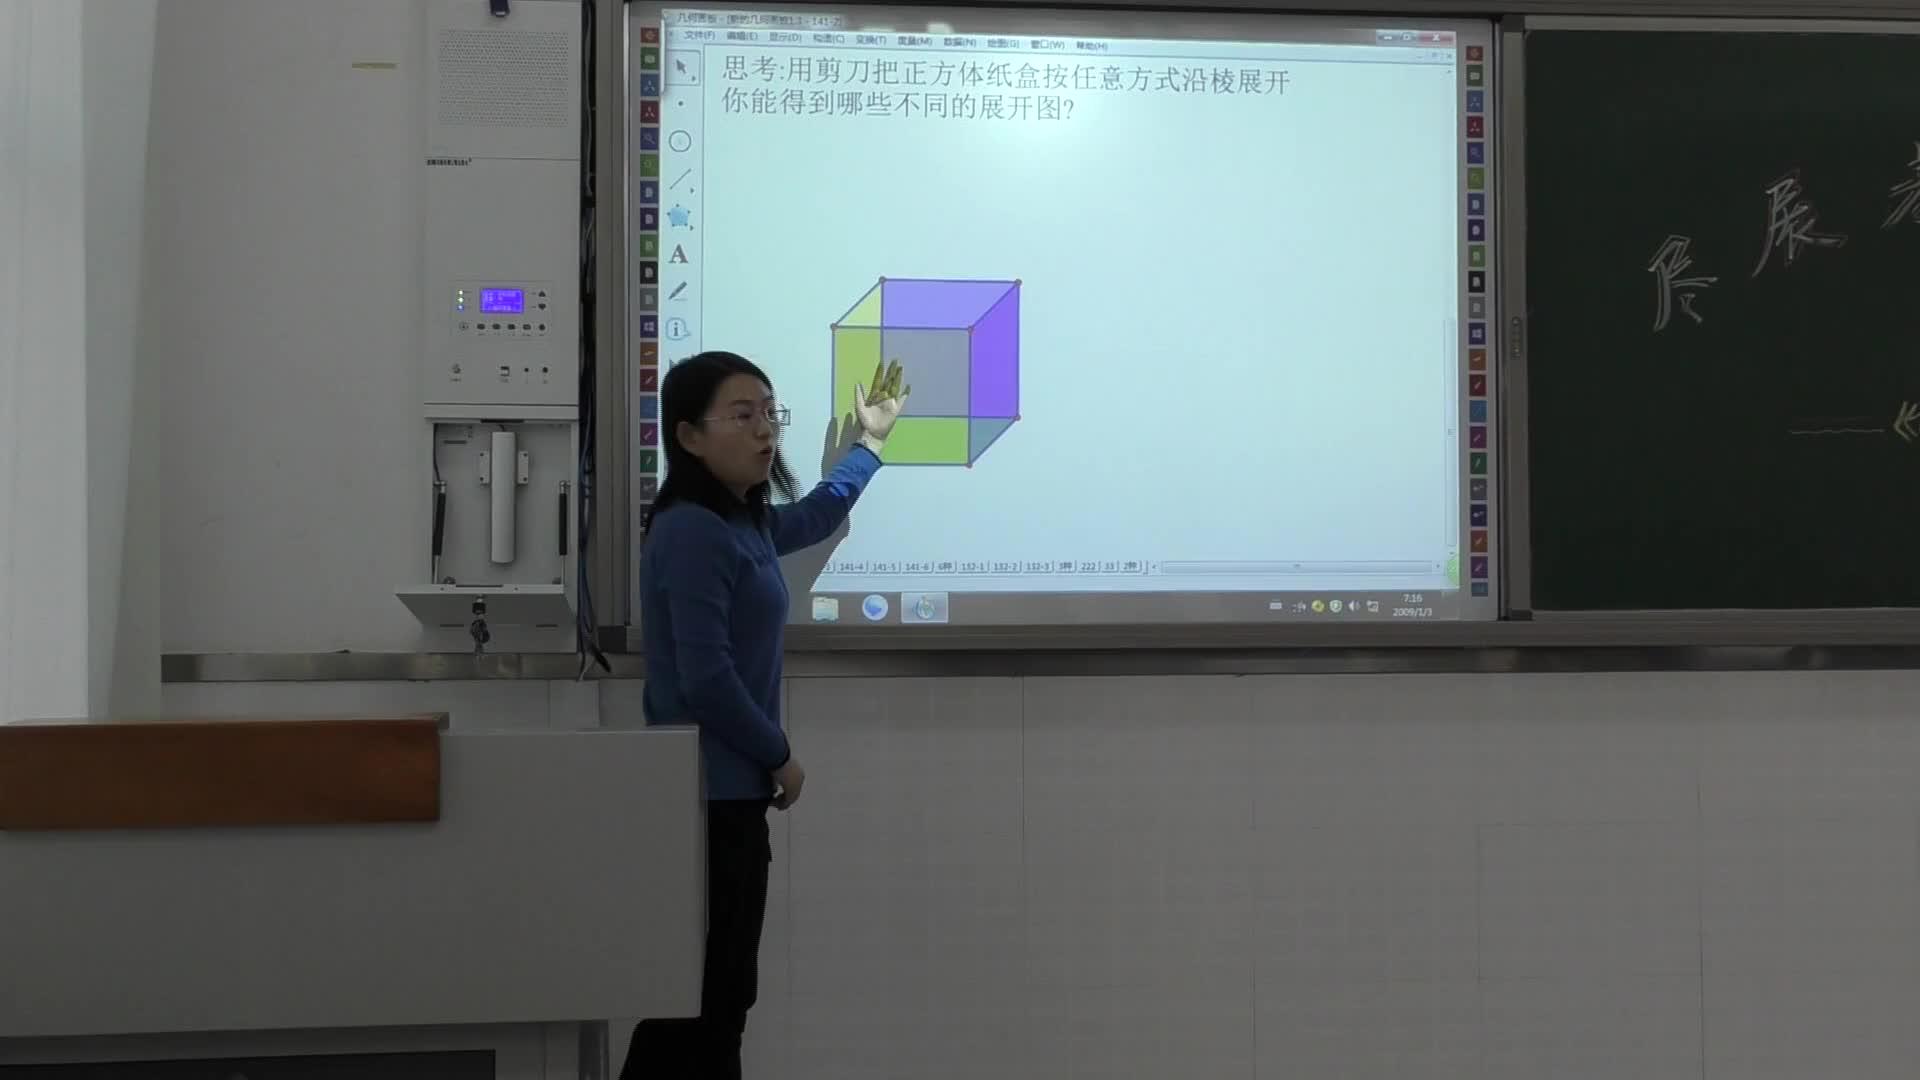 人教版 七年级数学上册 正方体的11种展开图-视频说课 人教版 七年级数学上册 正方体的11种展开图-视频说课 人教版 七年级数学上册 正方体的11种展开图-视频说课 [来自e网通客户端]